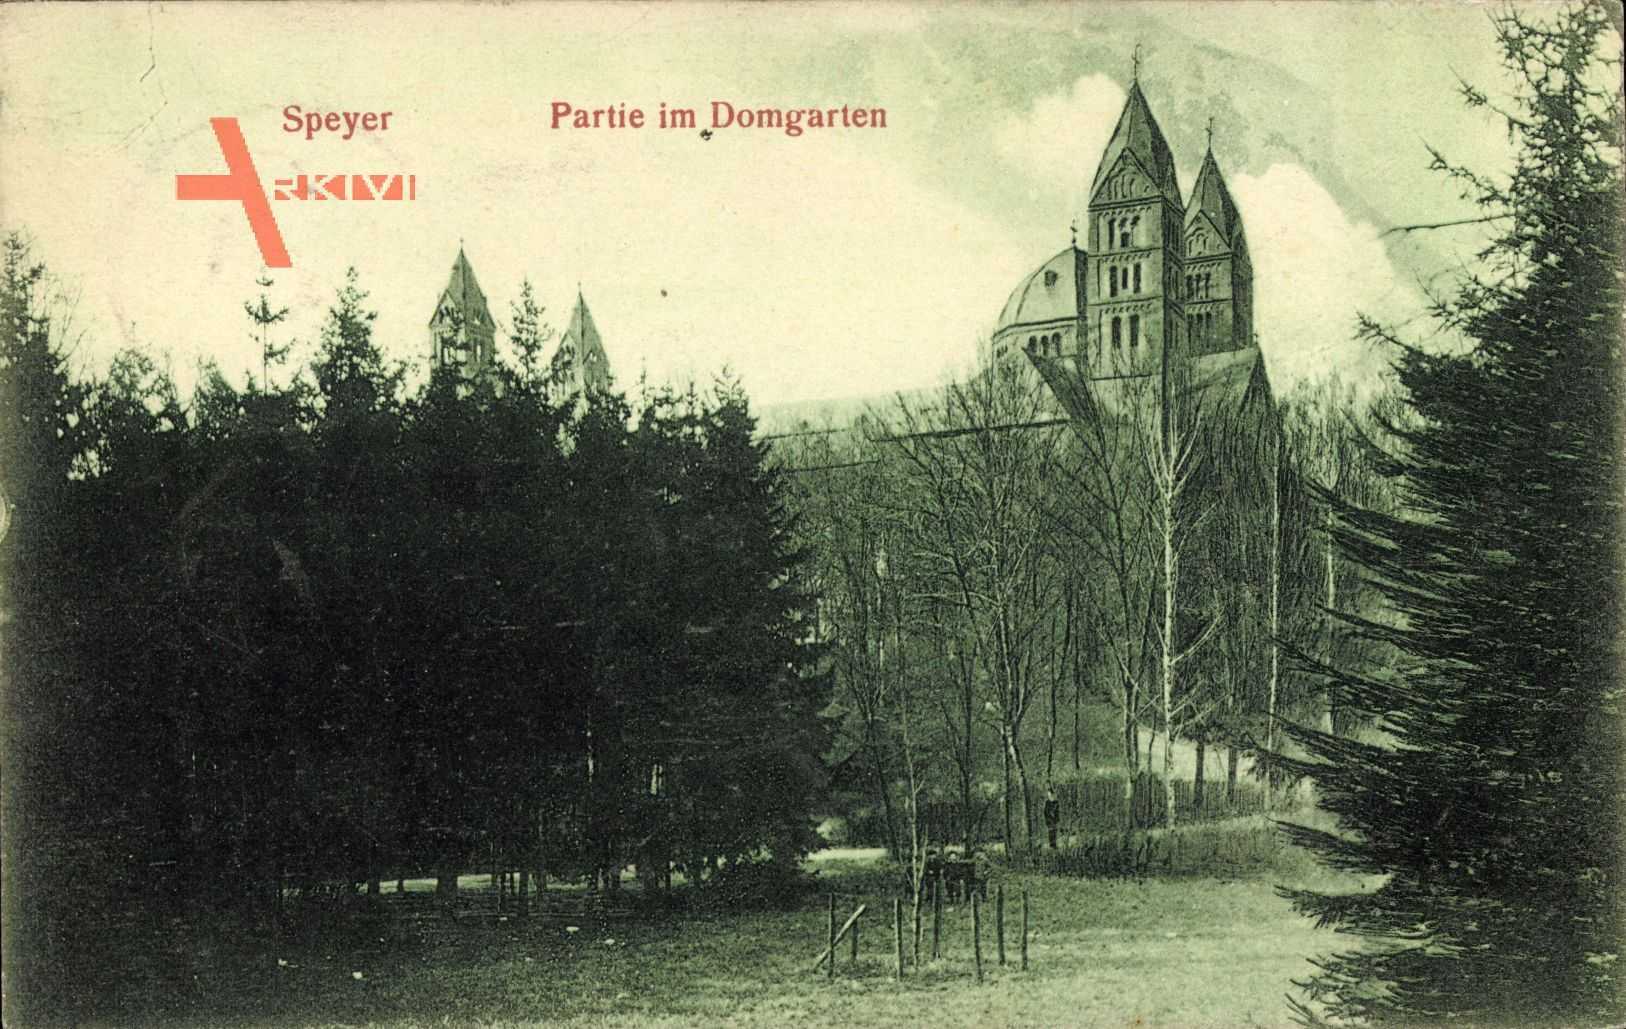 Speyer, Partie am Domgarten mit Dom im Herbst